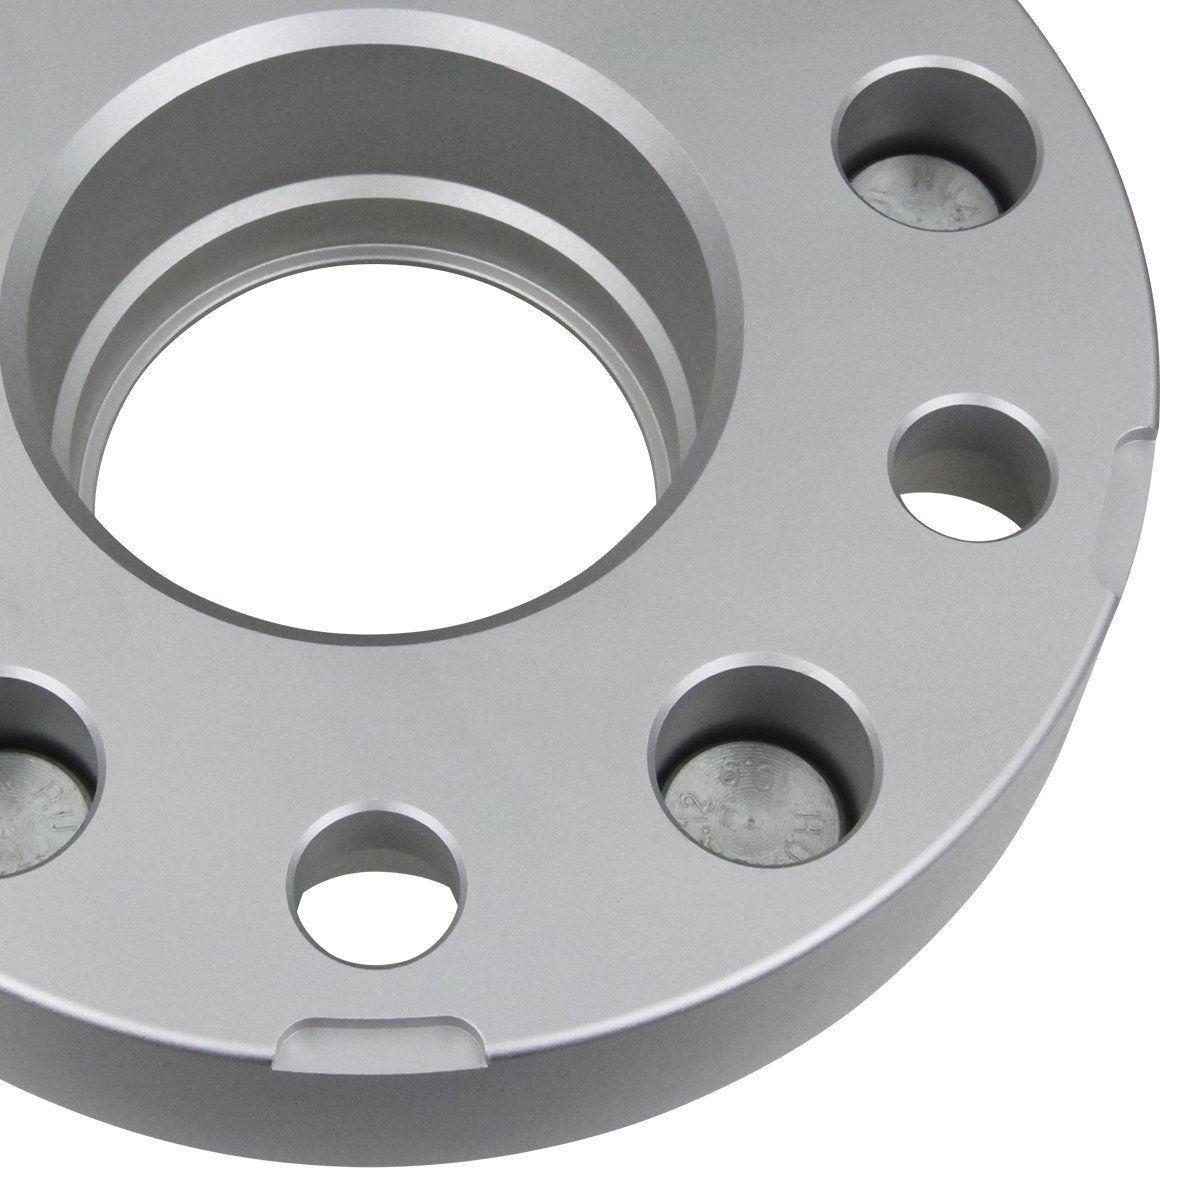 """SRT-10 02-11 Hub Centric Blk 1.5/"""" Wheel Spacers Complete 4 Set Dodge Ram 1500"""